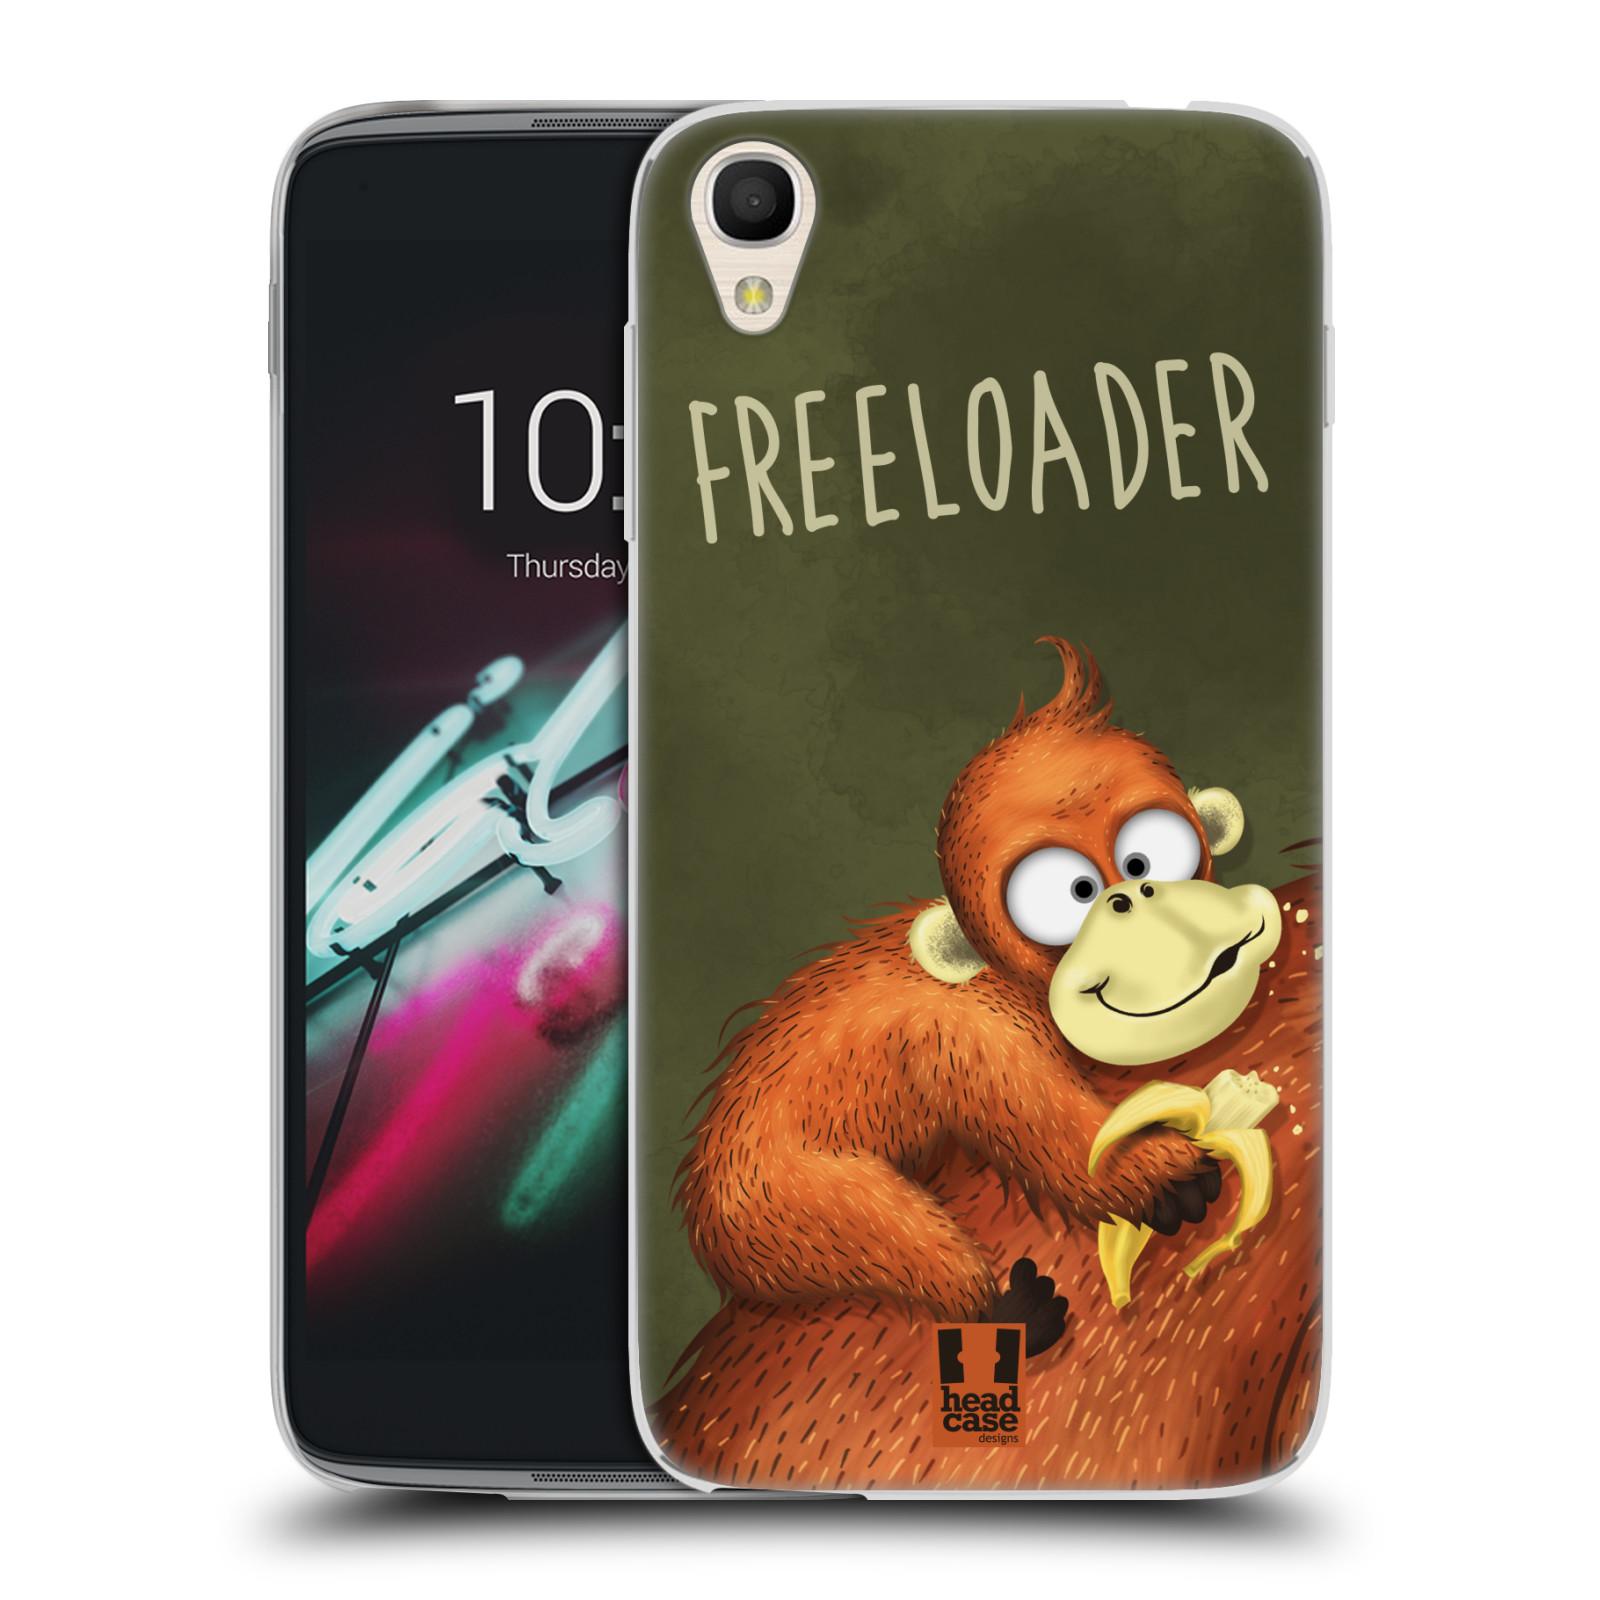 """Silikonové pouzdro na mobil Alcatel One Touch 6039Y Idol 3 HEAD CASE Opičák Freeloader (Silikonový kryt či obal na mobilní telefon Alcatel One Touch Idol 3 OT-6039Y s 4,7"""" displejem)"""